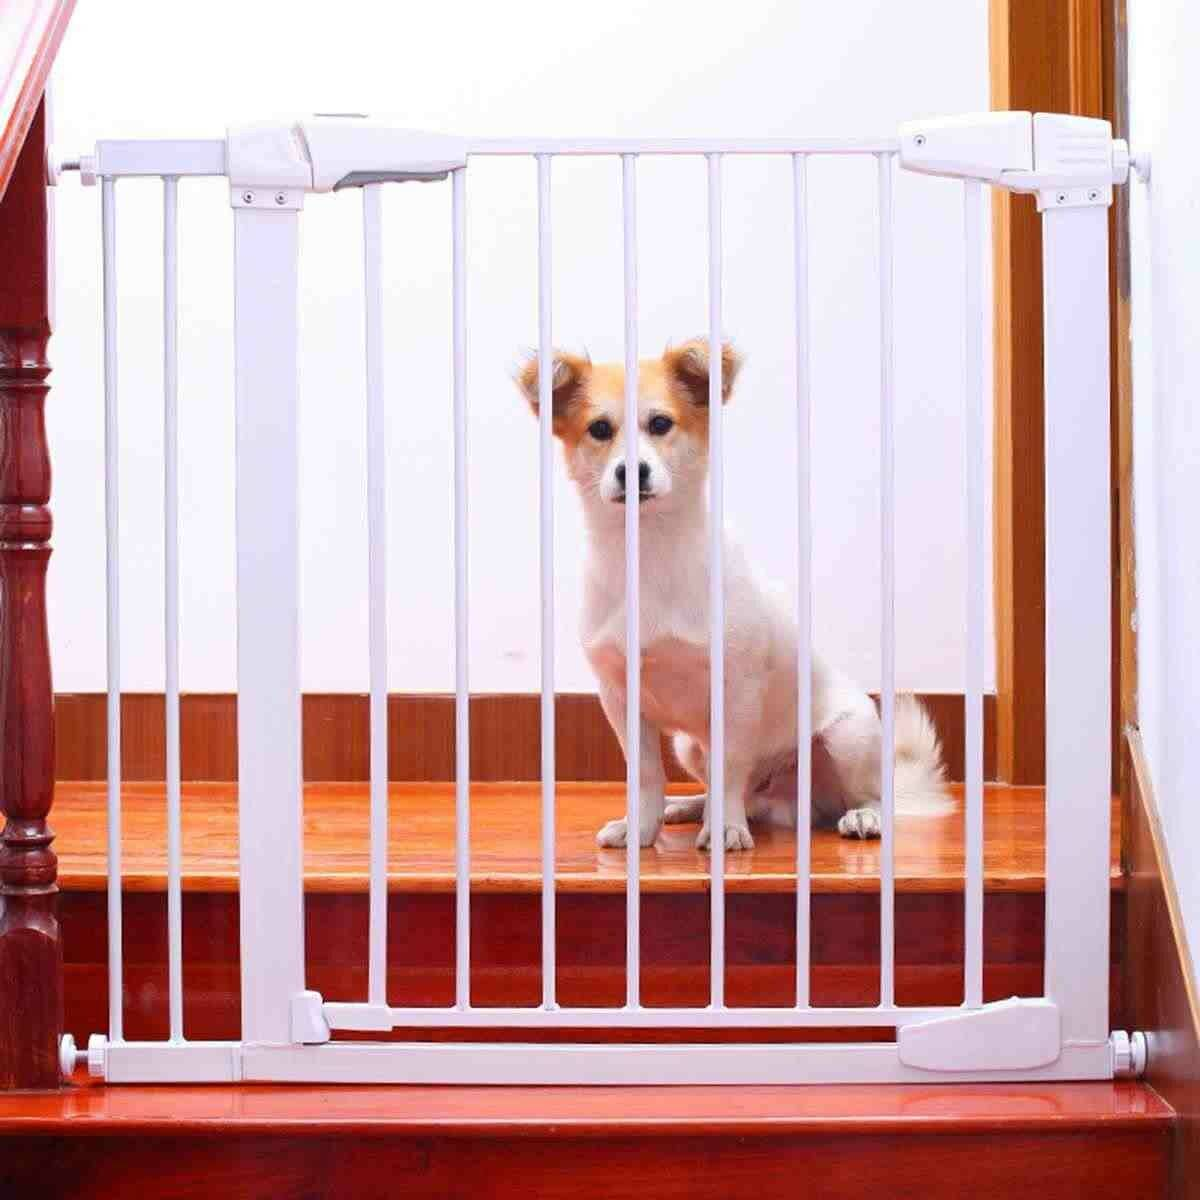 Какие бывают комнатные домики для собак в квартиру: рекомендации по выбору